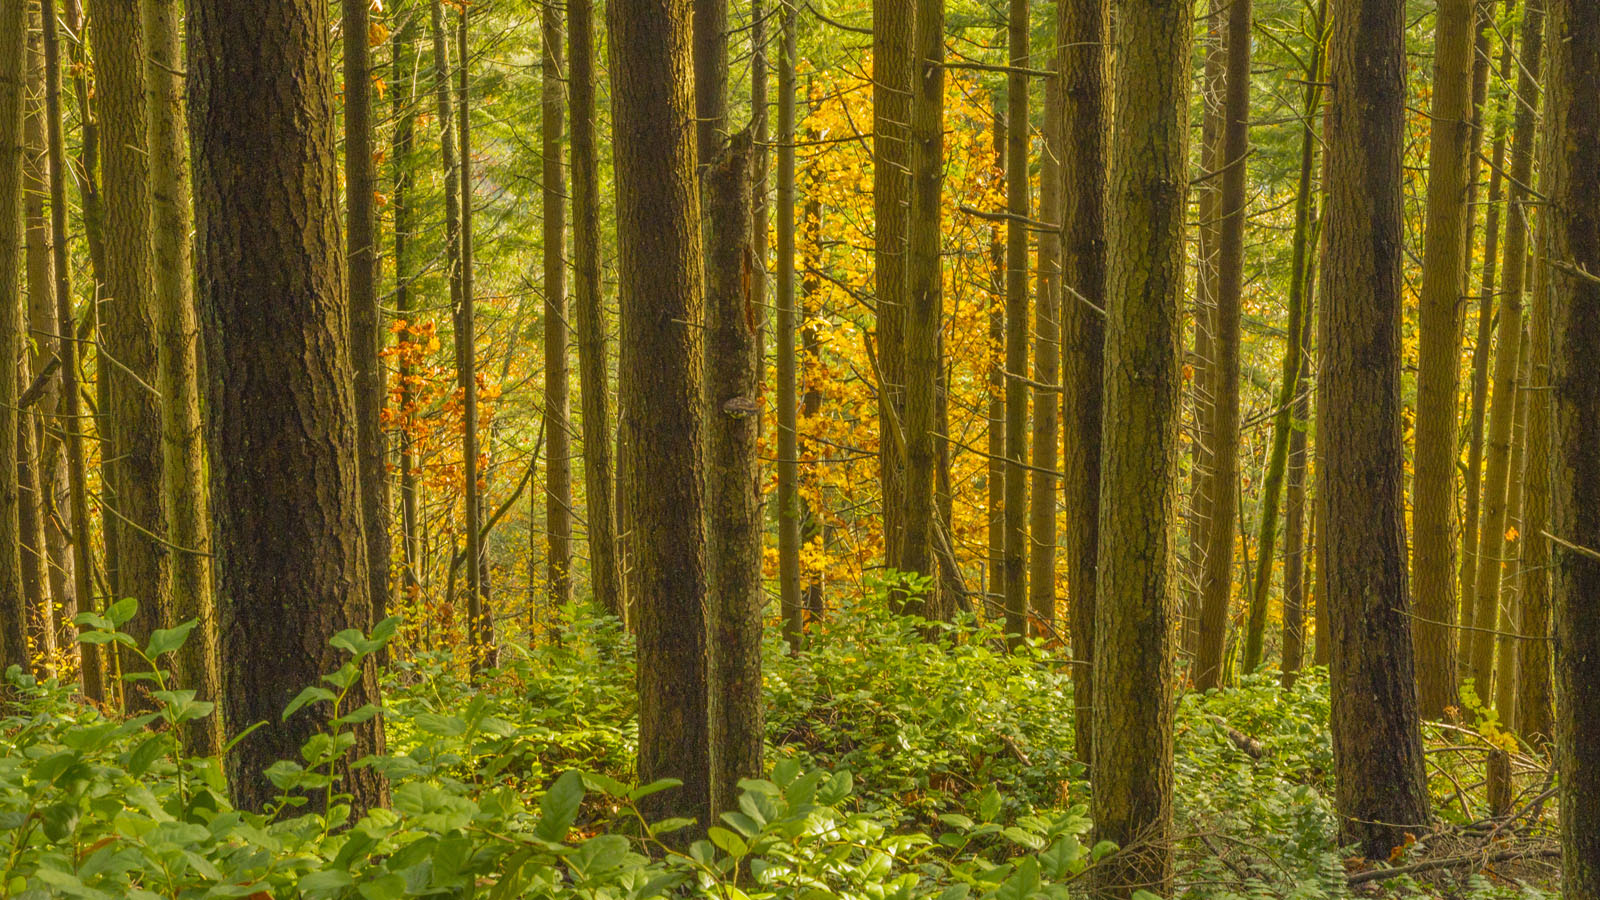 2_Forest-through-the-trees_KSwanson_1600x900.jpg